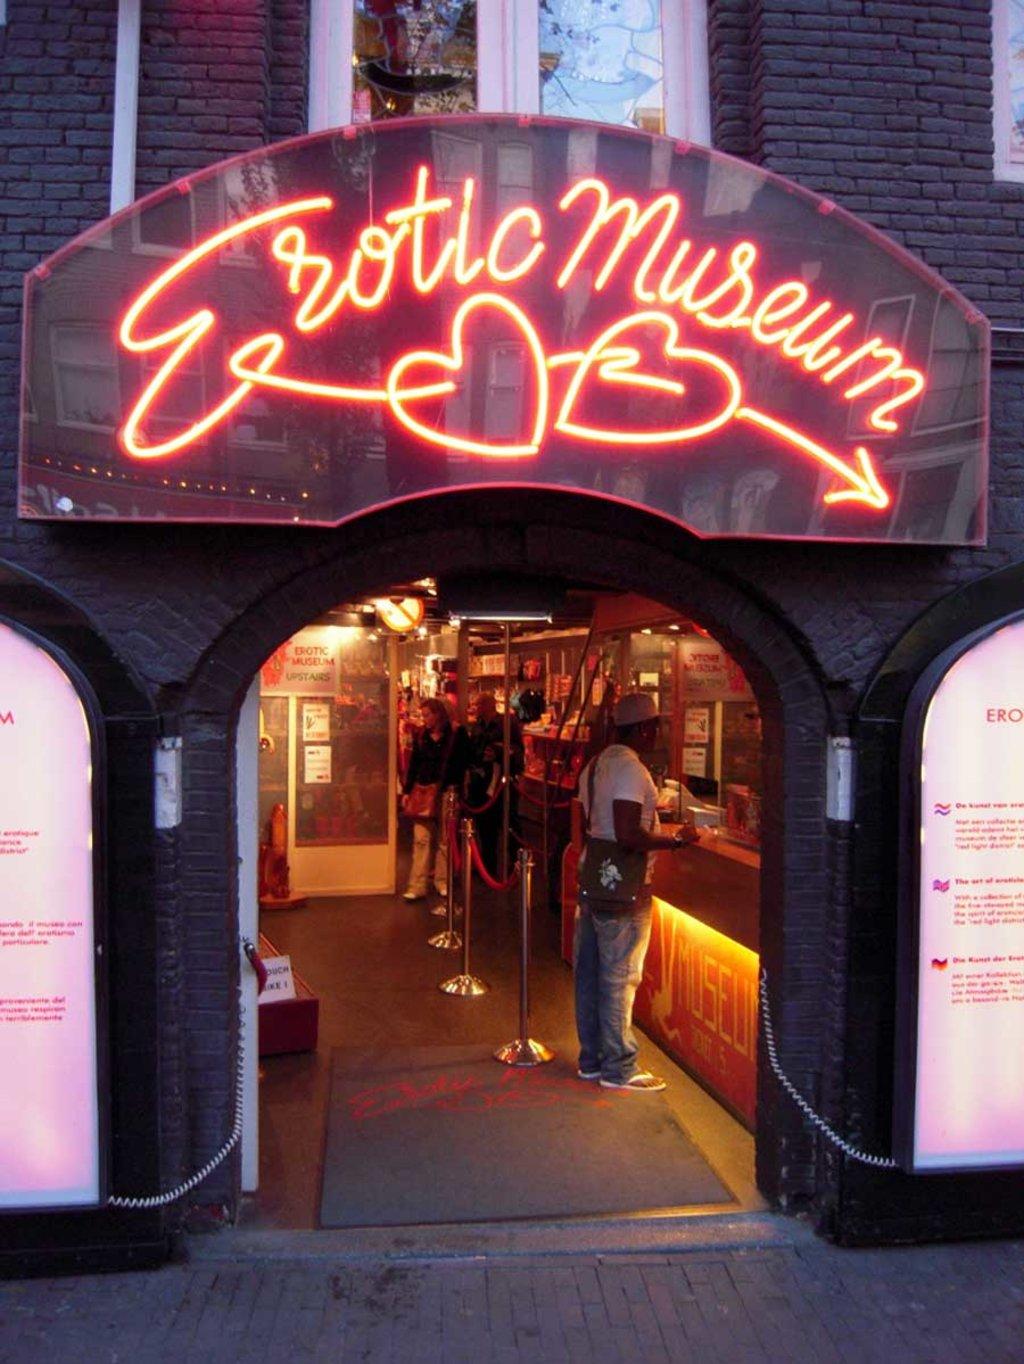 Un'insegna illustra l'ingresso dell'Erotic Museum, una delle tante attrazioni del Red Light District - By Michal Osmenda from Brussels, Belgium (Erotic Museum in Red Lights District in Amsterdam)  , via Wikimedia Commons